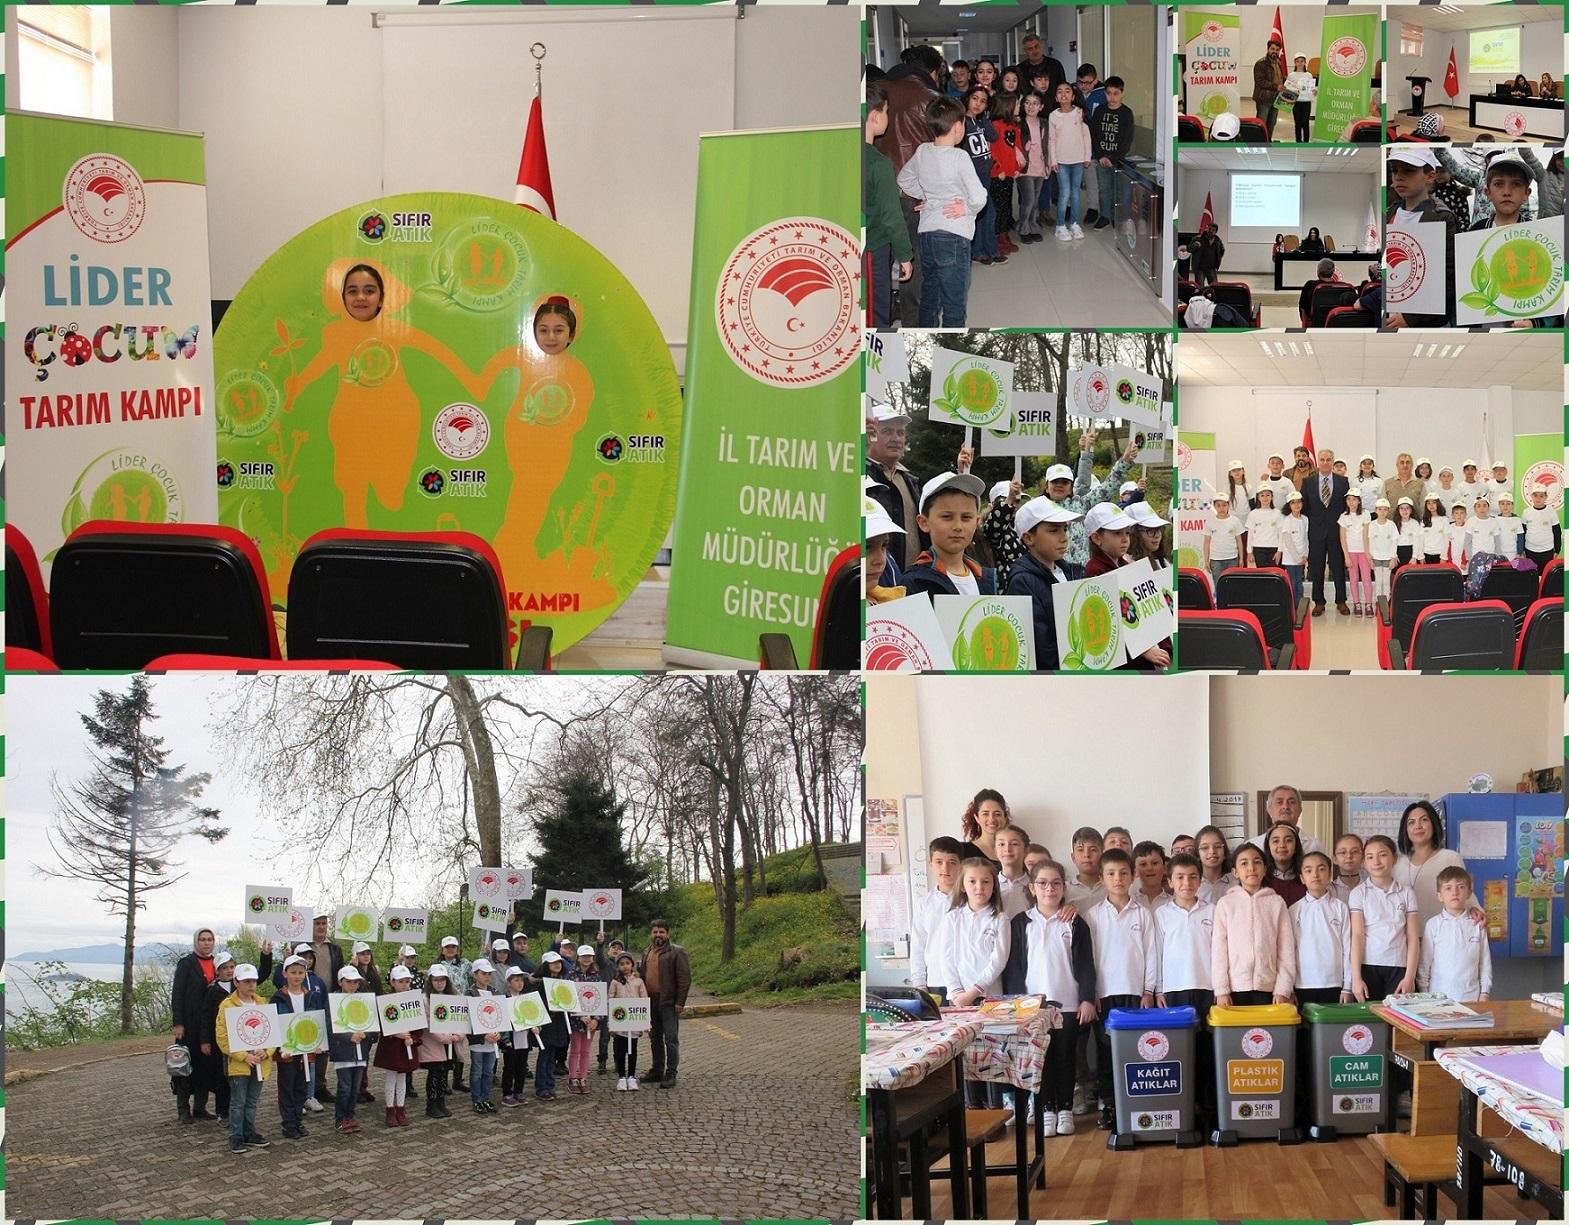 Giresun'da 'Lider Çocuk Tarım Kampı'